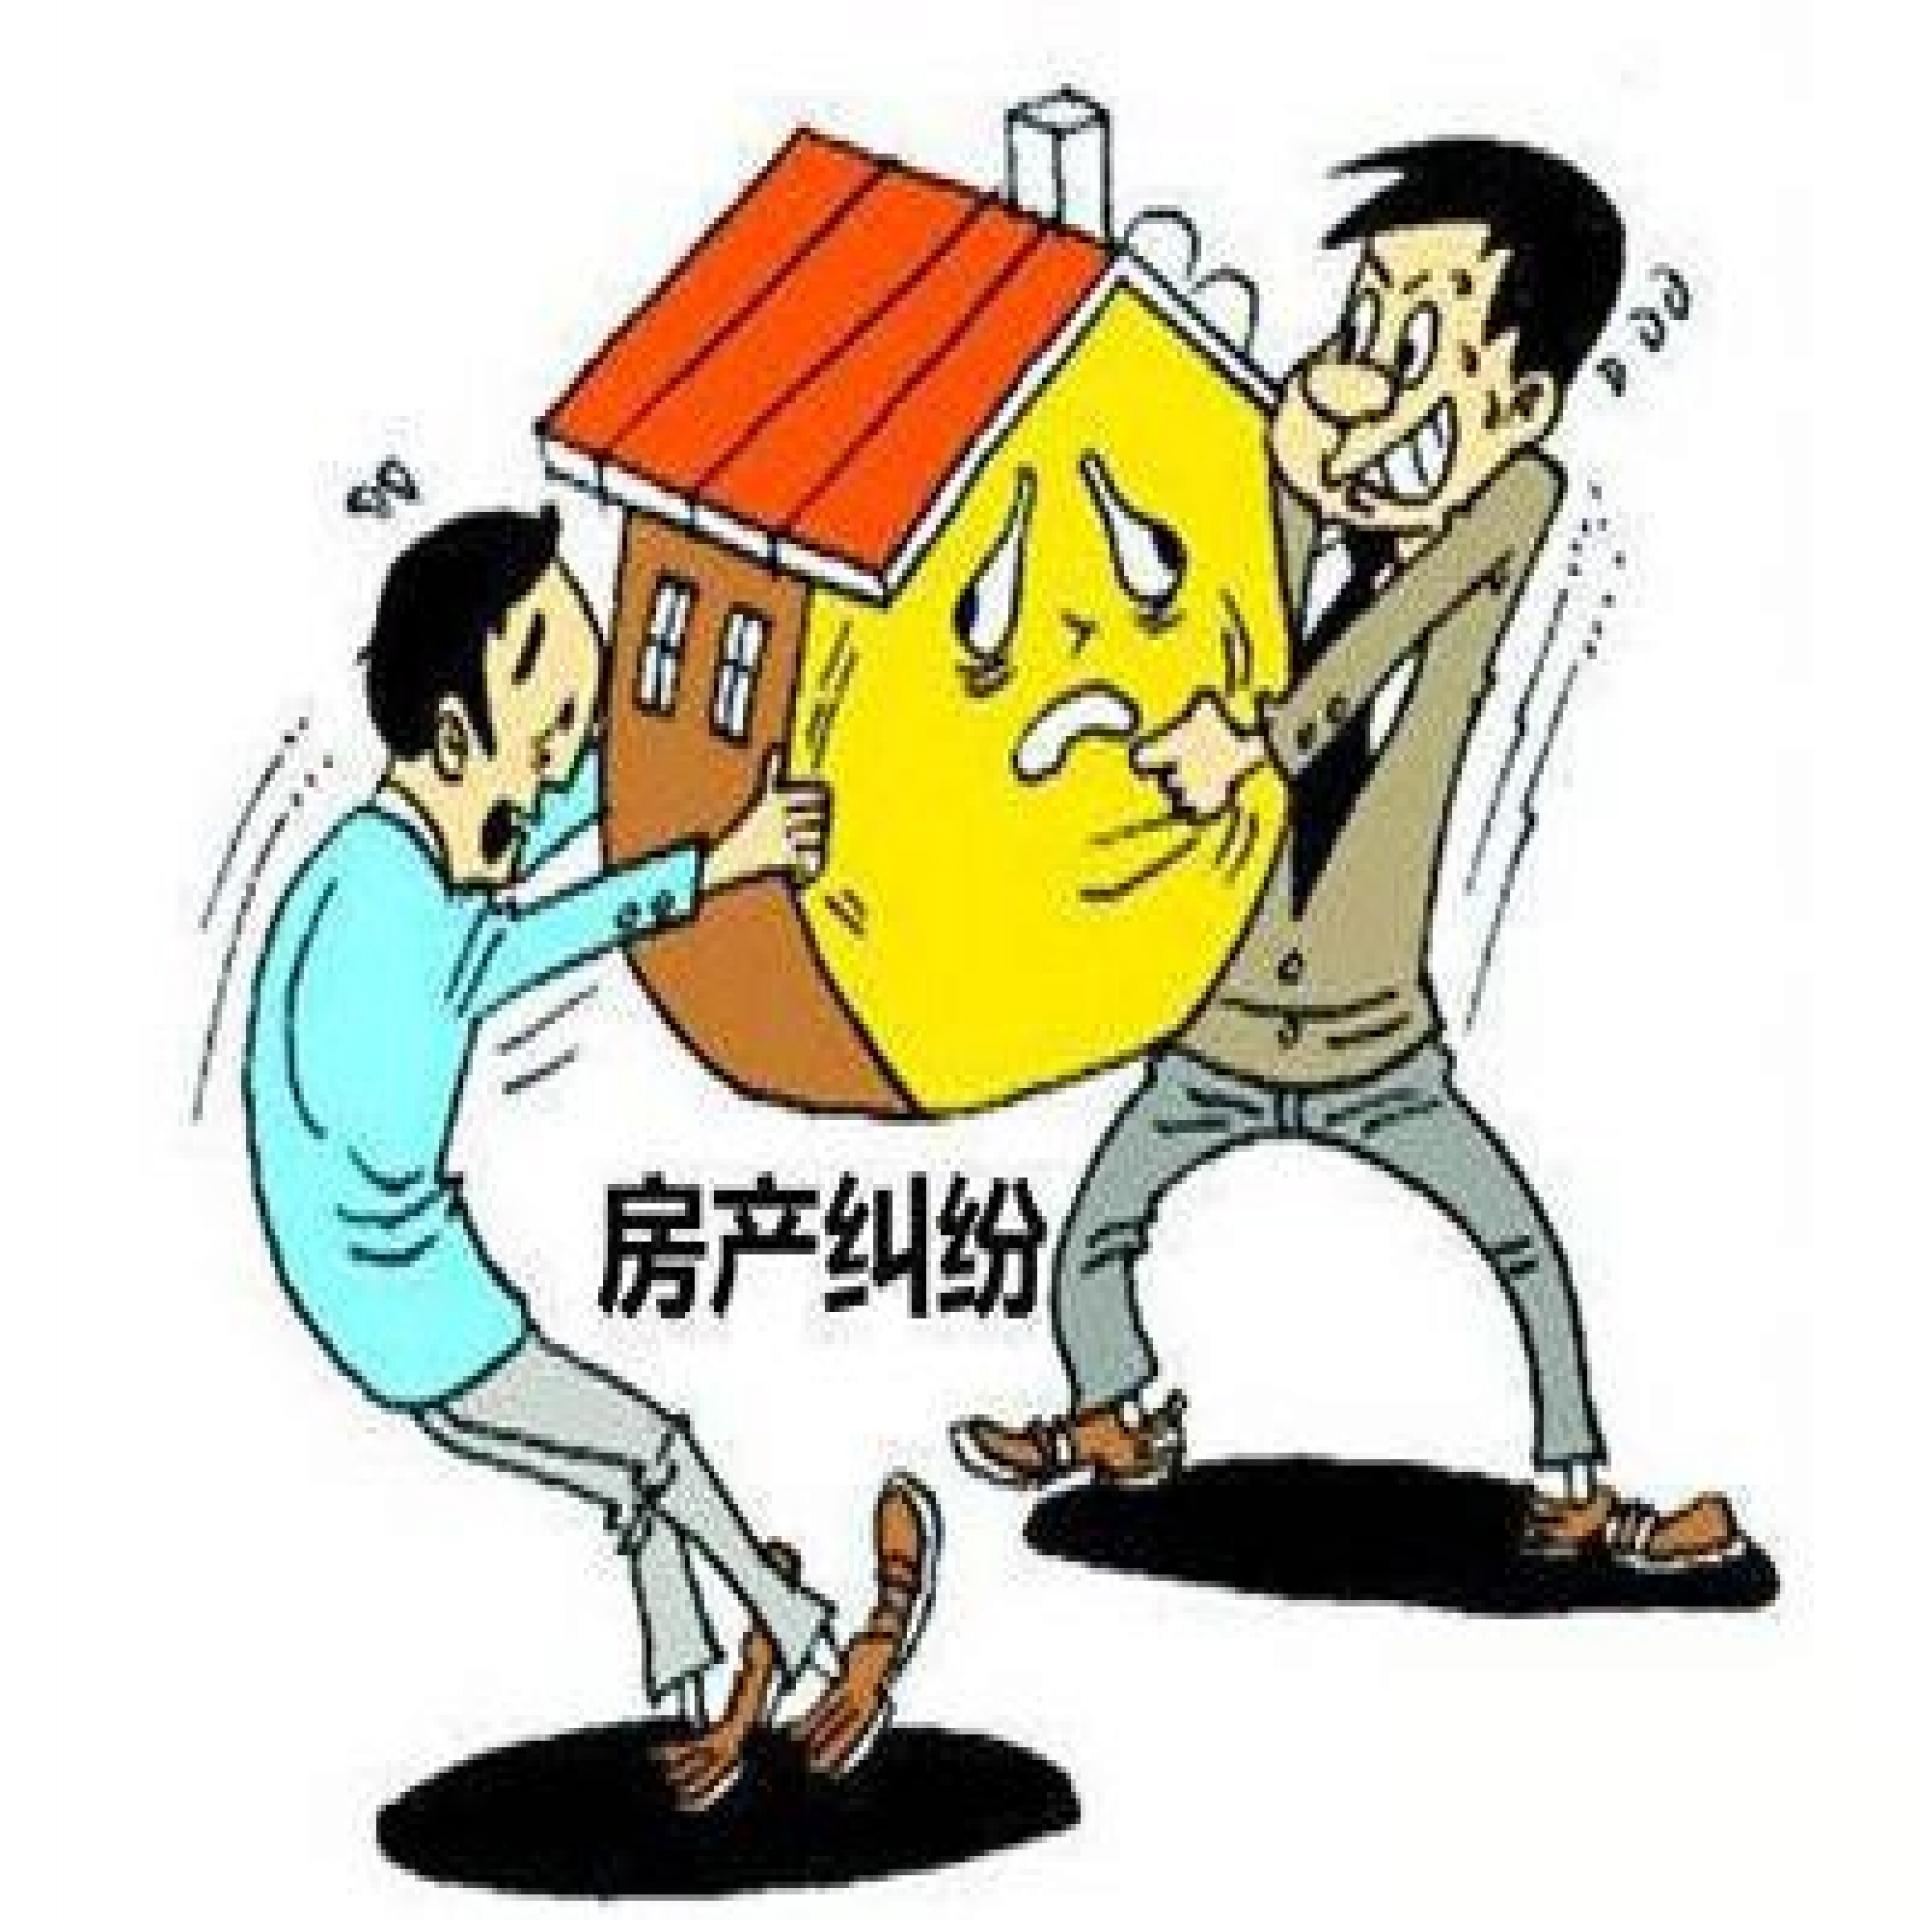 买房前的房产纠纷有哪些